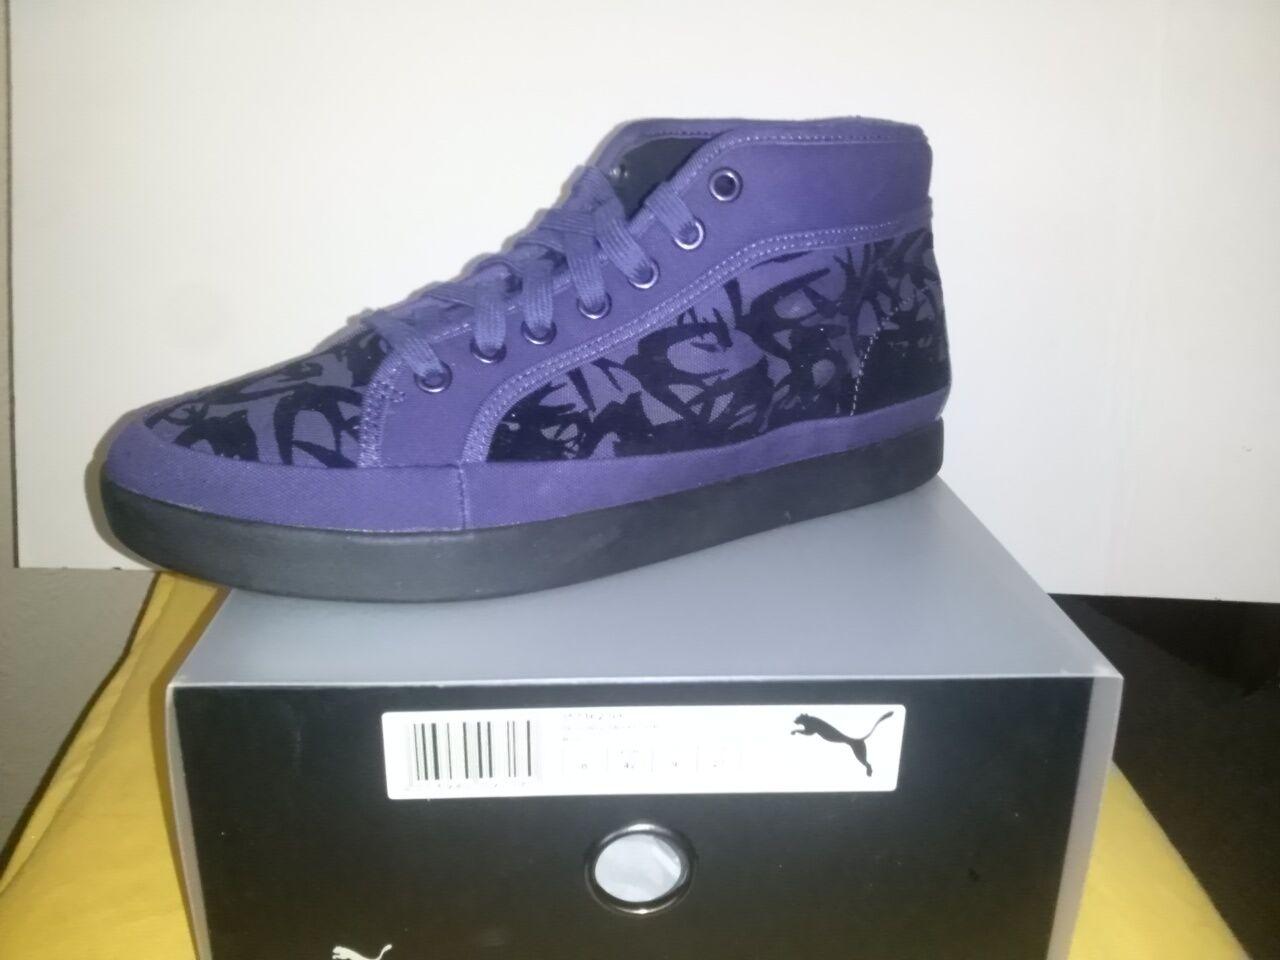 Puma alexander mcqueen Step mid Flock 42 cortos zapatos color Blue 357162 03